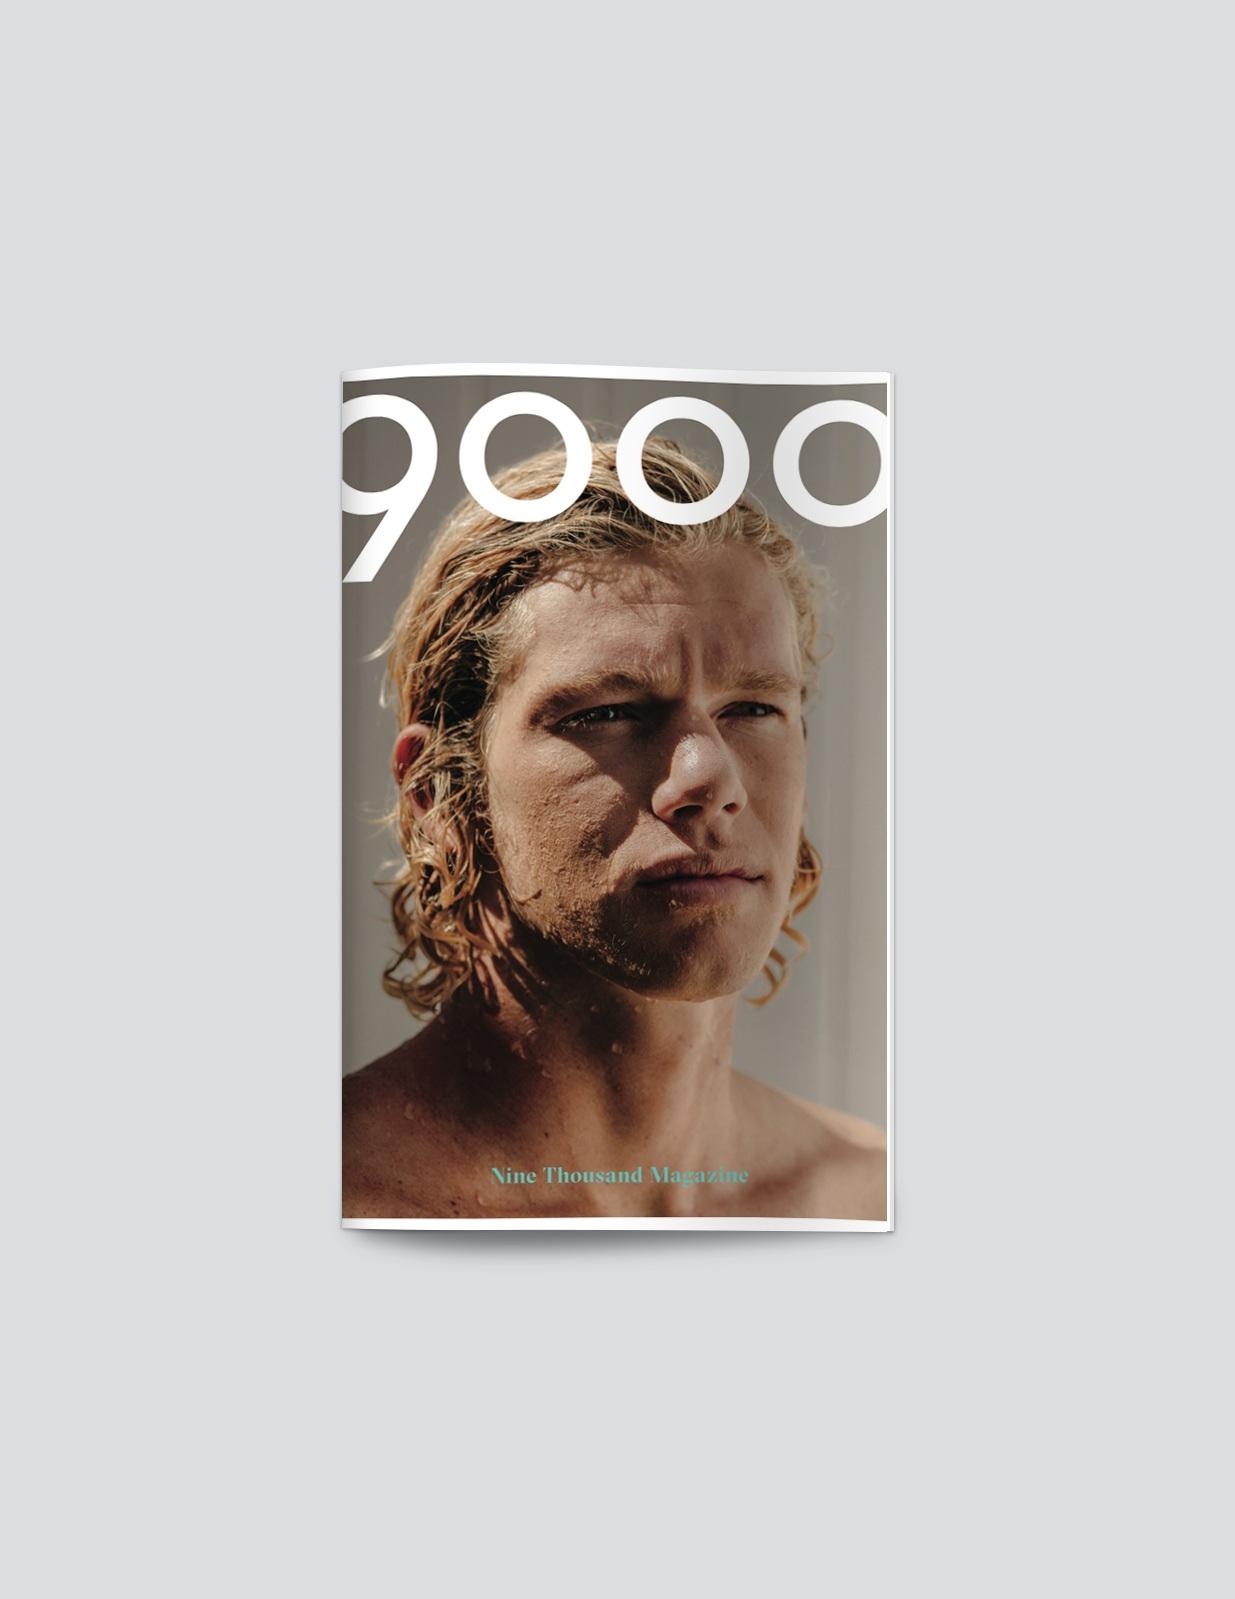 9000-Mockup-Cover.jpg